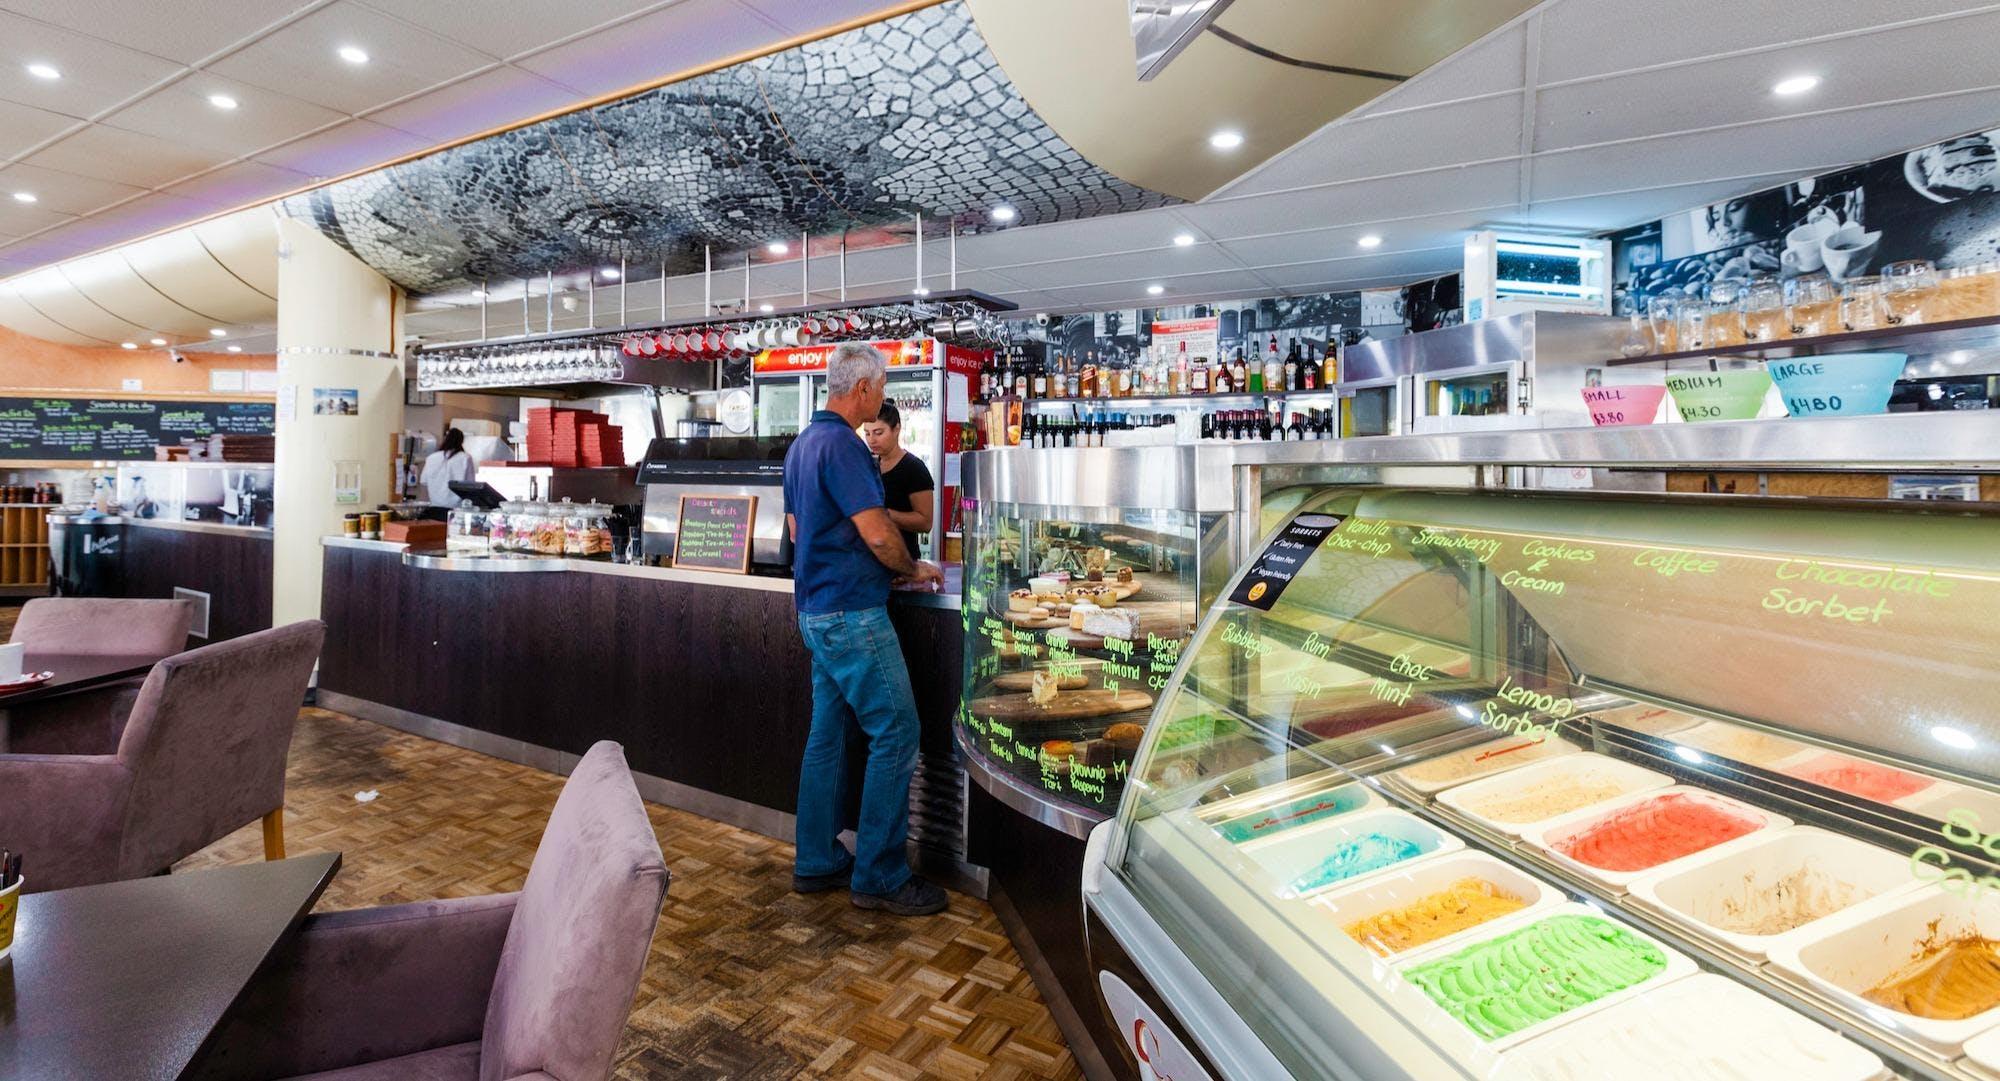 La Scala Cafe & Pizzeria